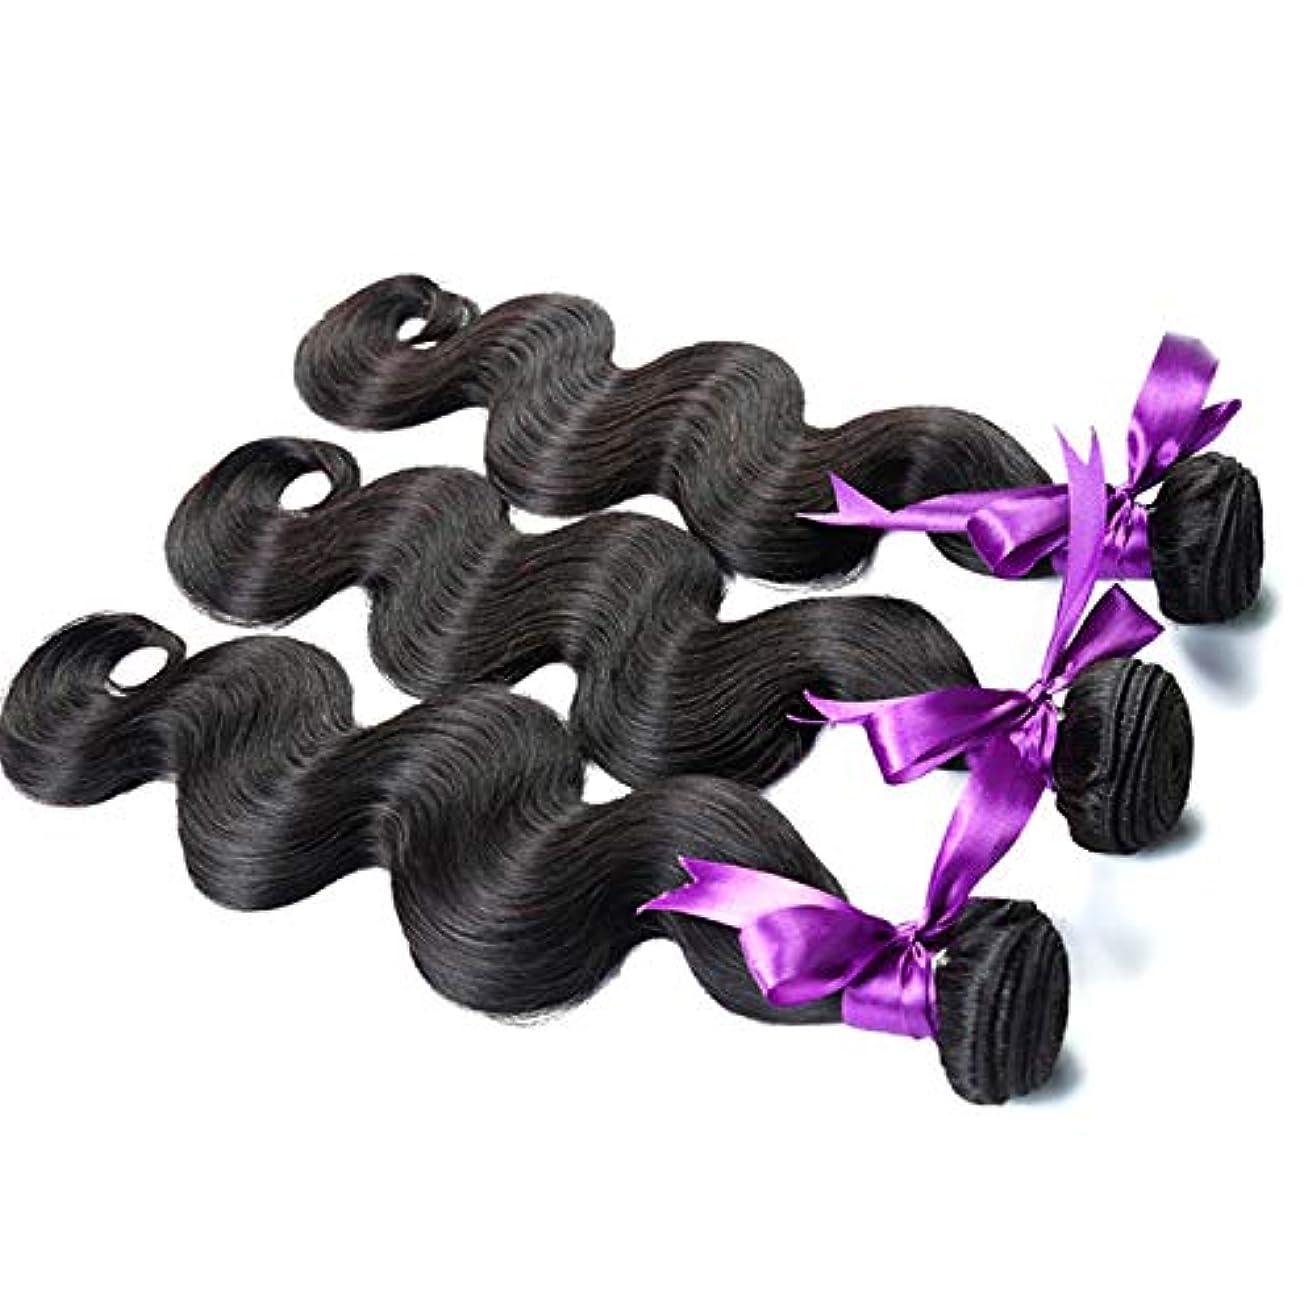 いろいろシングル絶滅させるかつら ヘアエクステンションヘア織り実体波ヘアバンドル8aグレード人間の髪織りナチュラルカラー非レミーヘアエクステンション12-28インチ3バンドル (Stretched Length : 18 20 20 inches)